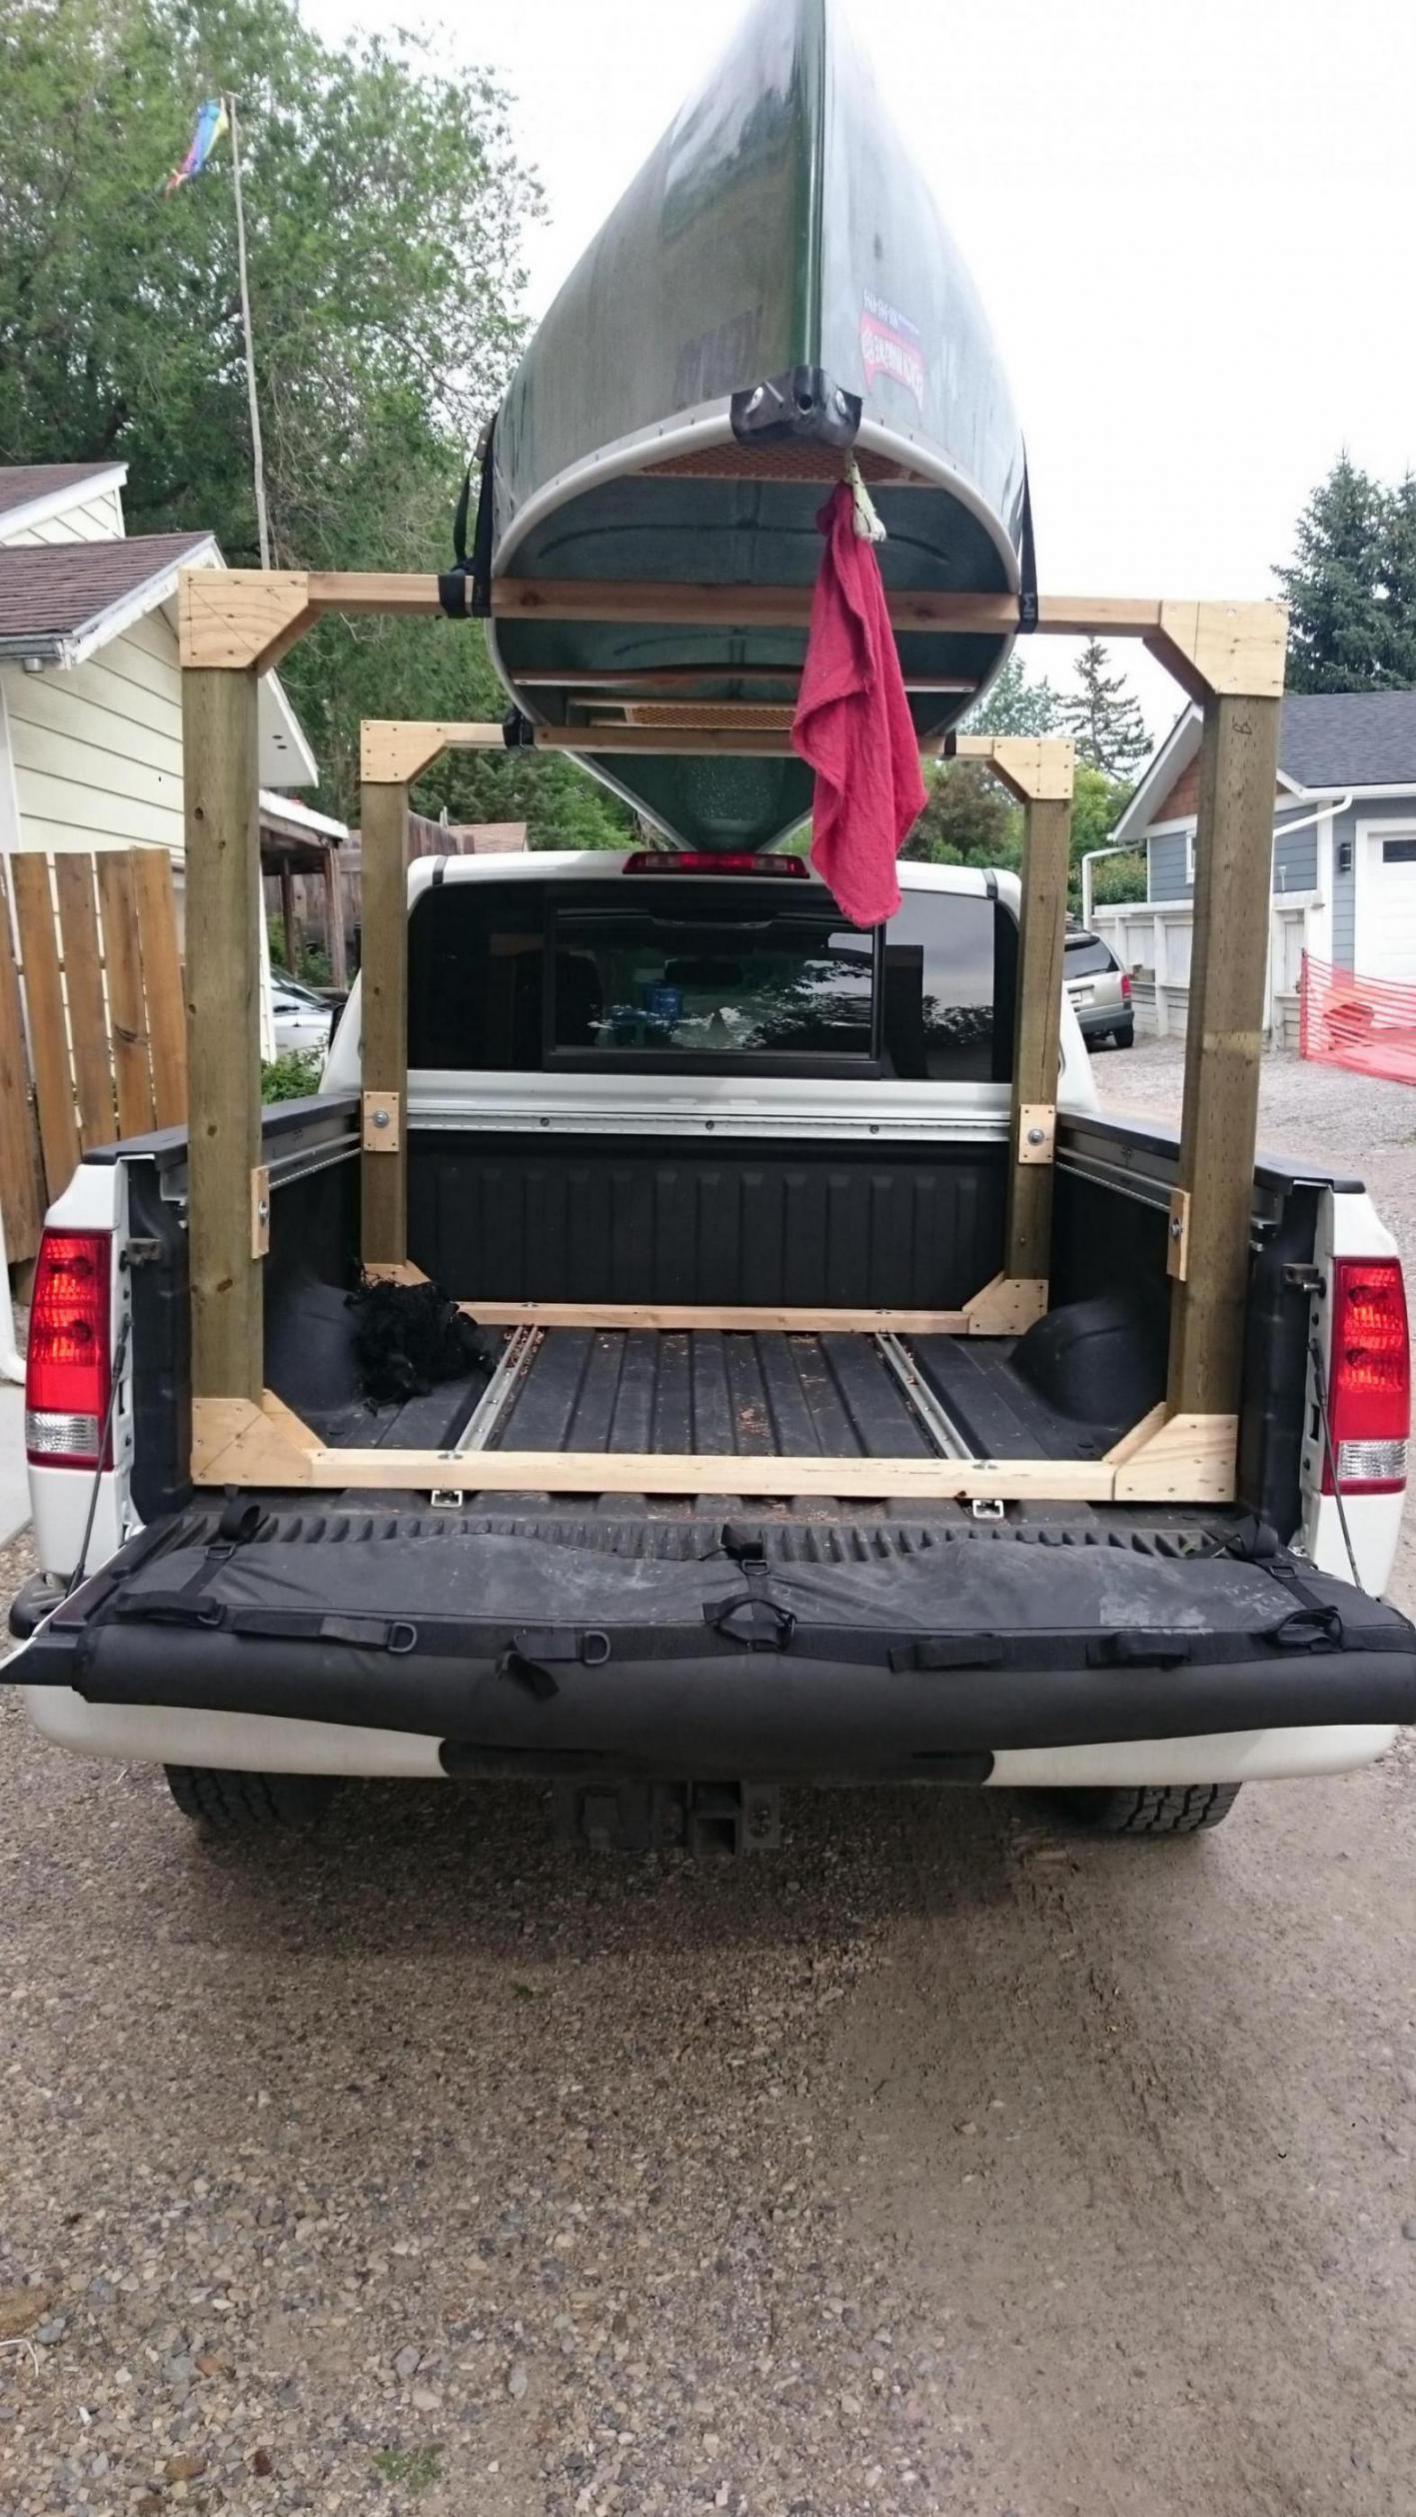 Diy Kayak Rack >> DIY canoe rack - Nissan Titan Forum